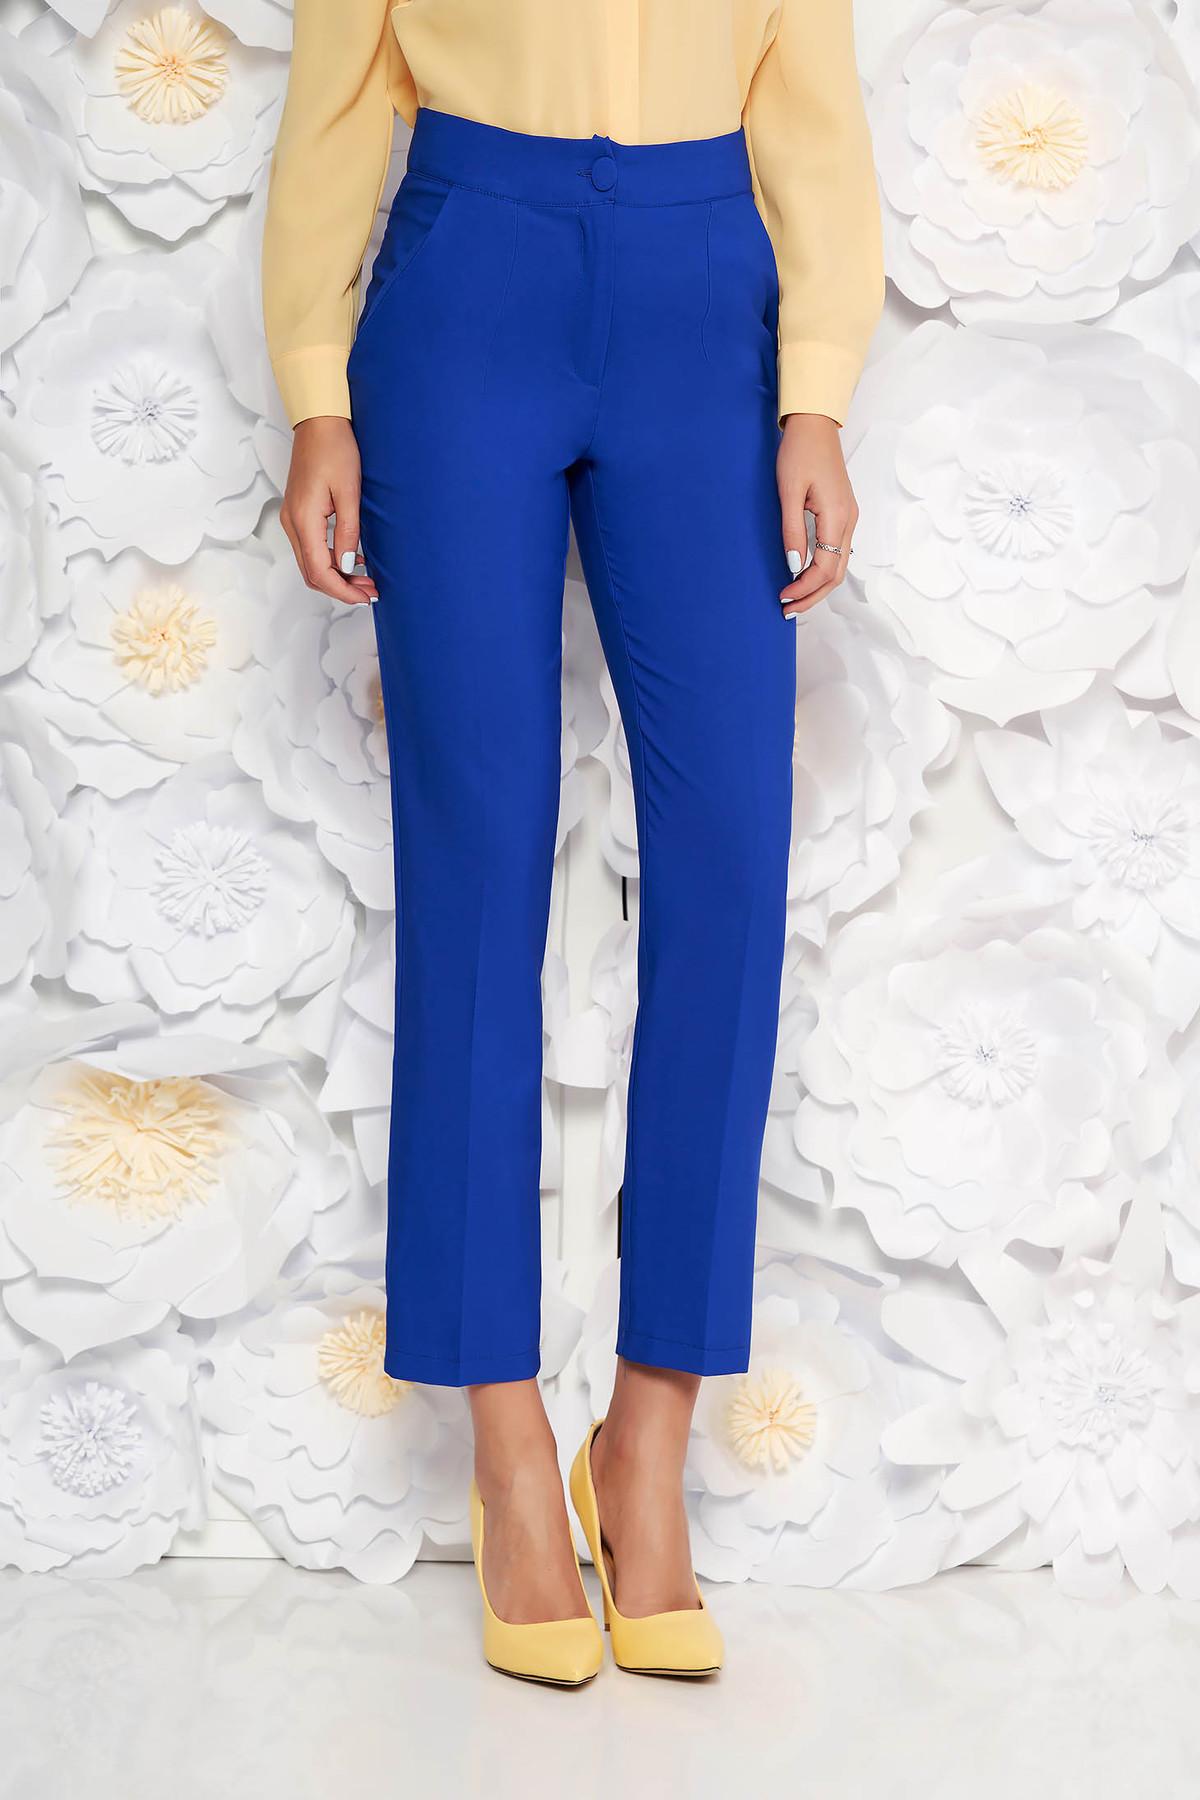 Pantaloni Artista albastri office cu un croi drept cu talie medie din stofa usor elastica cu buzunare